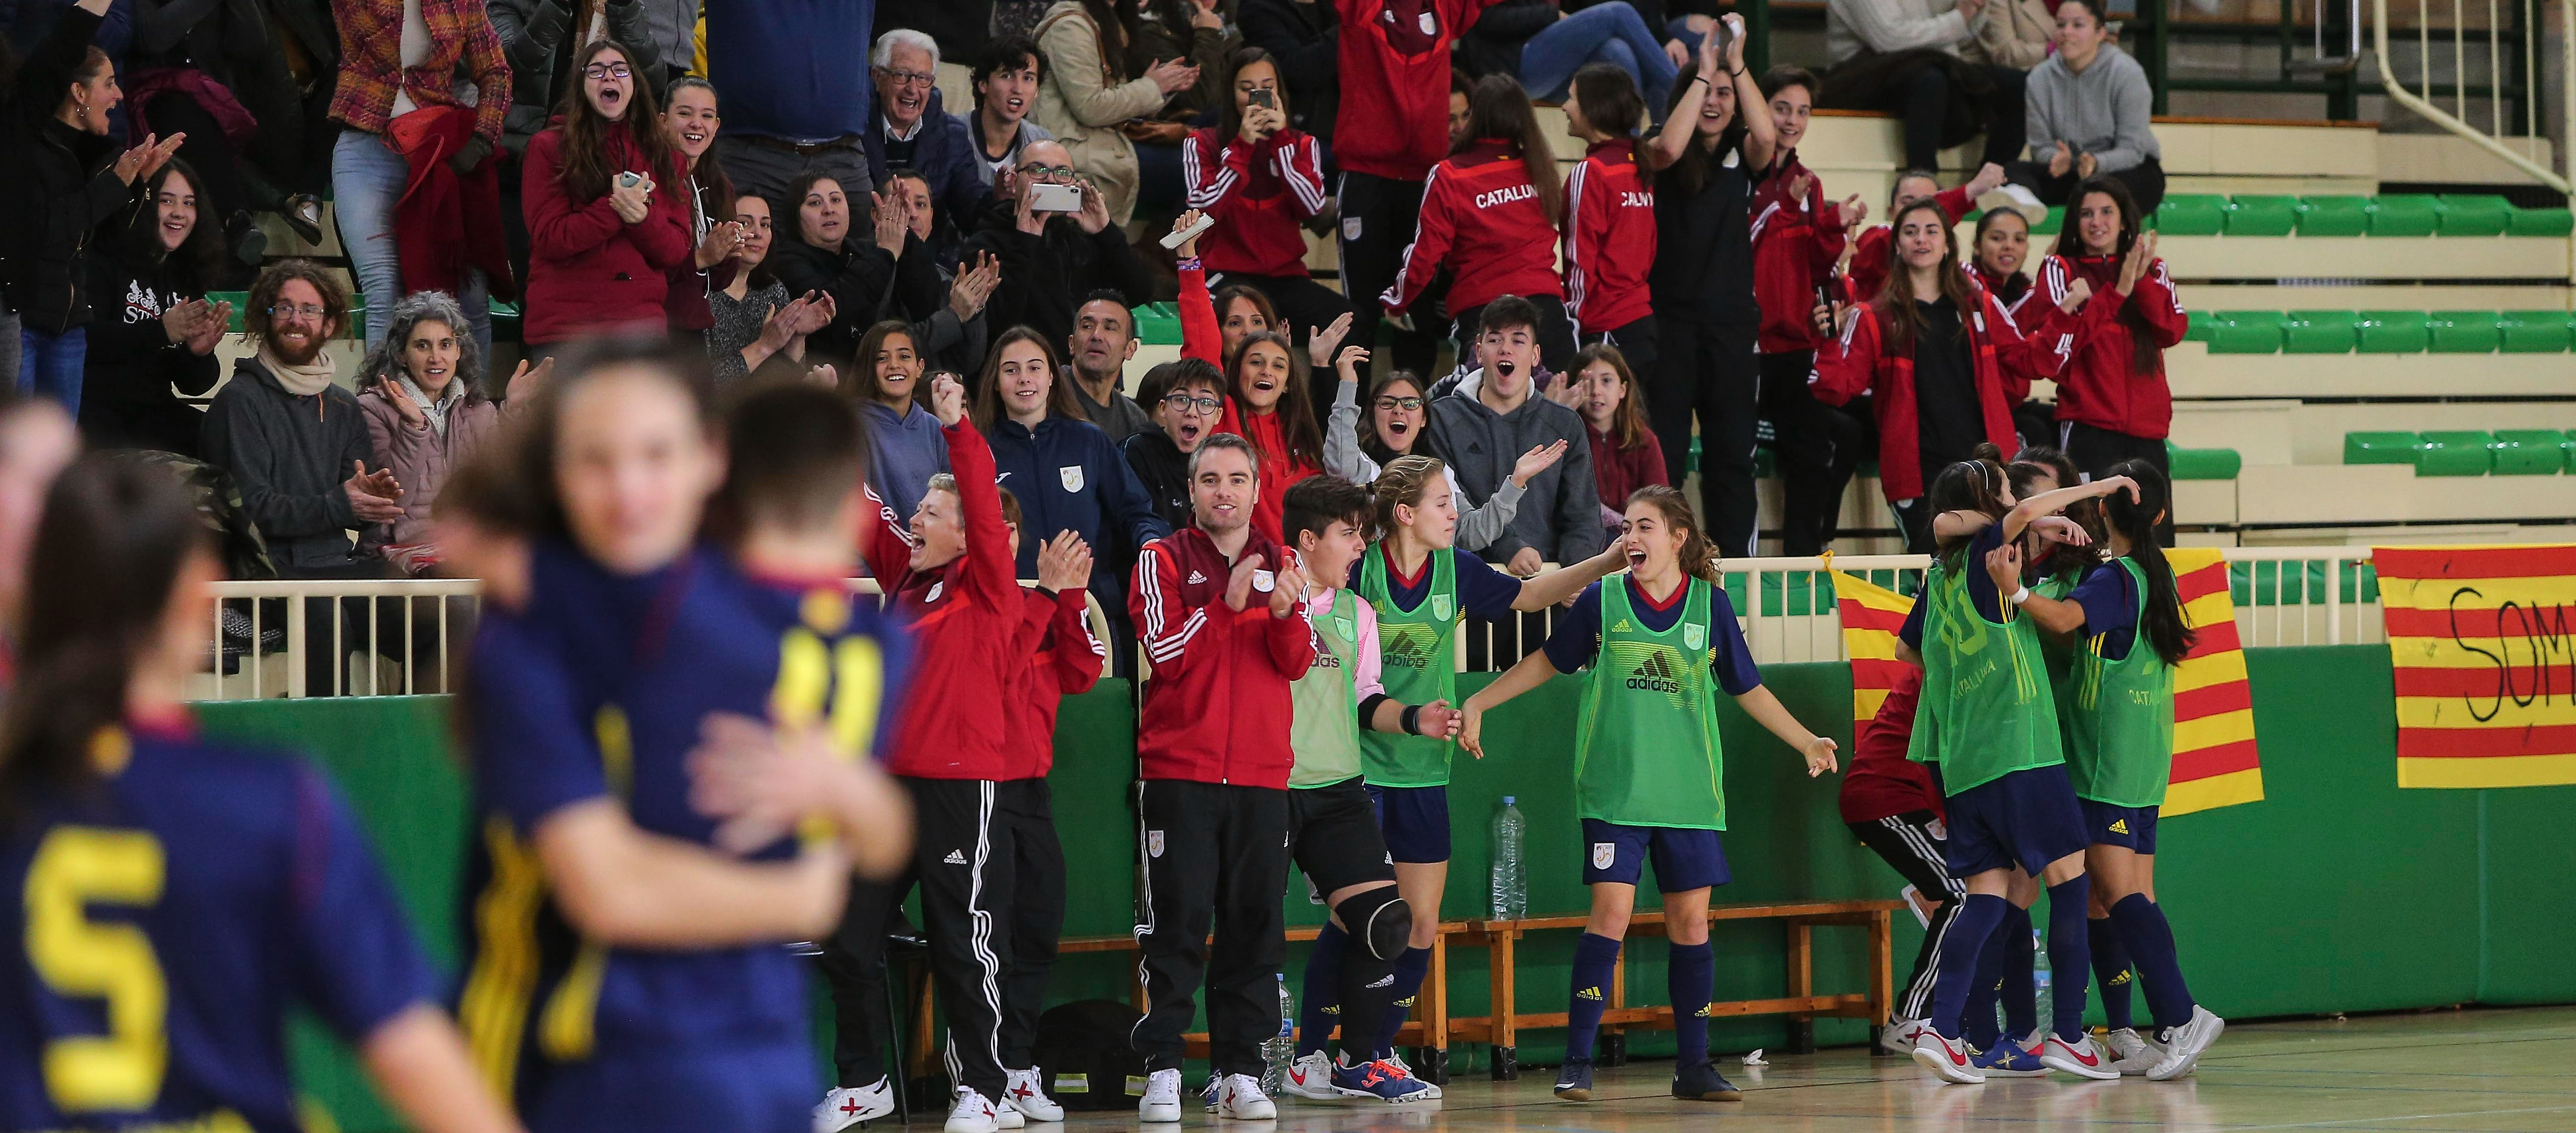 Les dates dels Campionats d'Espanya de Seleccions Autonòmiques de futbol sala